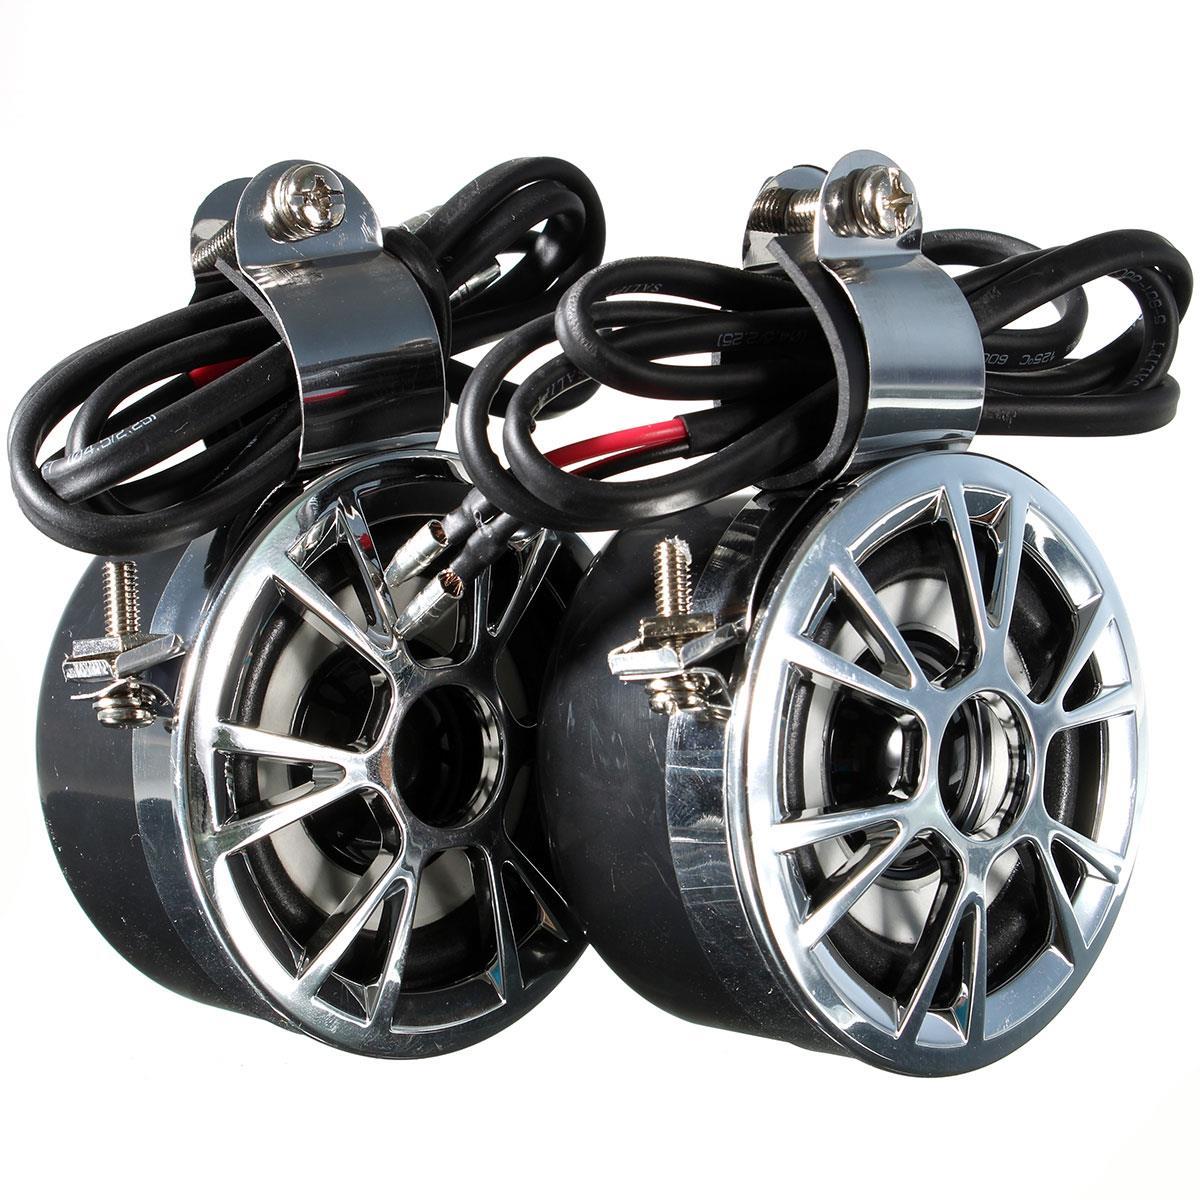 achetez en gros tanche haut parleurs de moto en ligne des grossistes tanche haut parleurs de. Black Bedroom Furniture Sets. Home Design Ideas